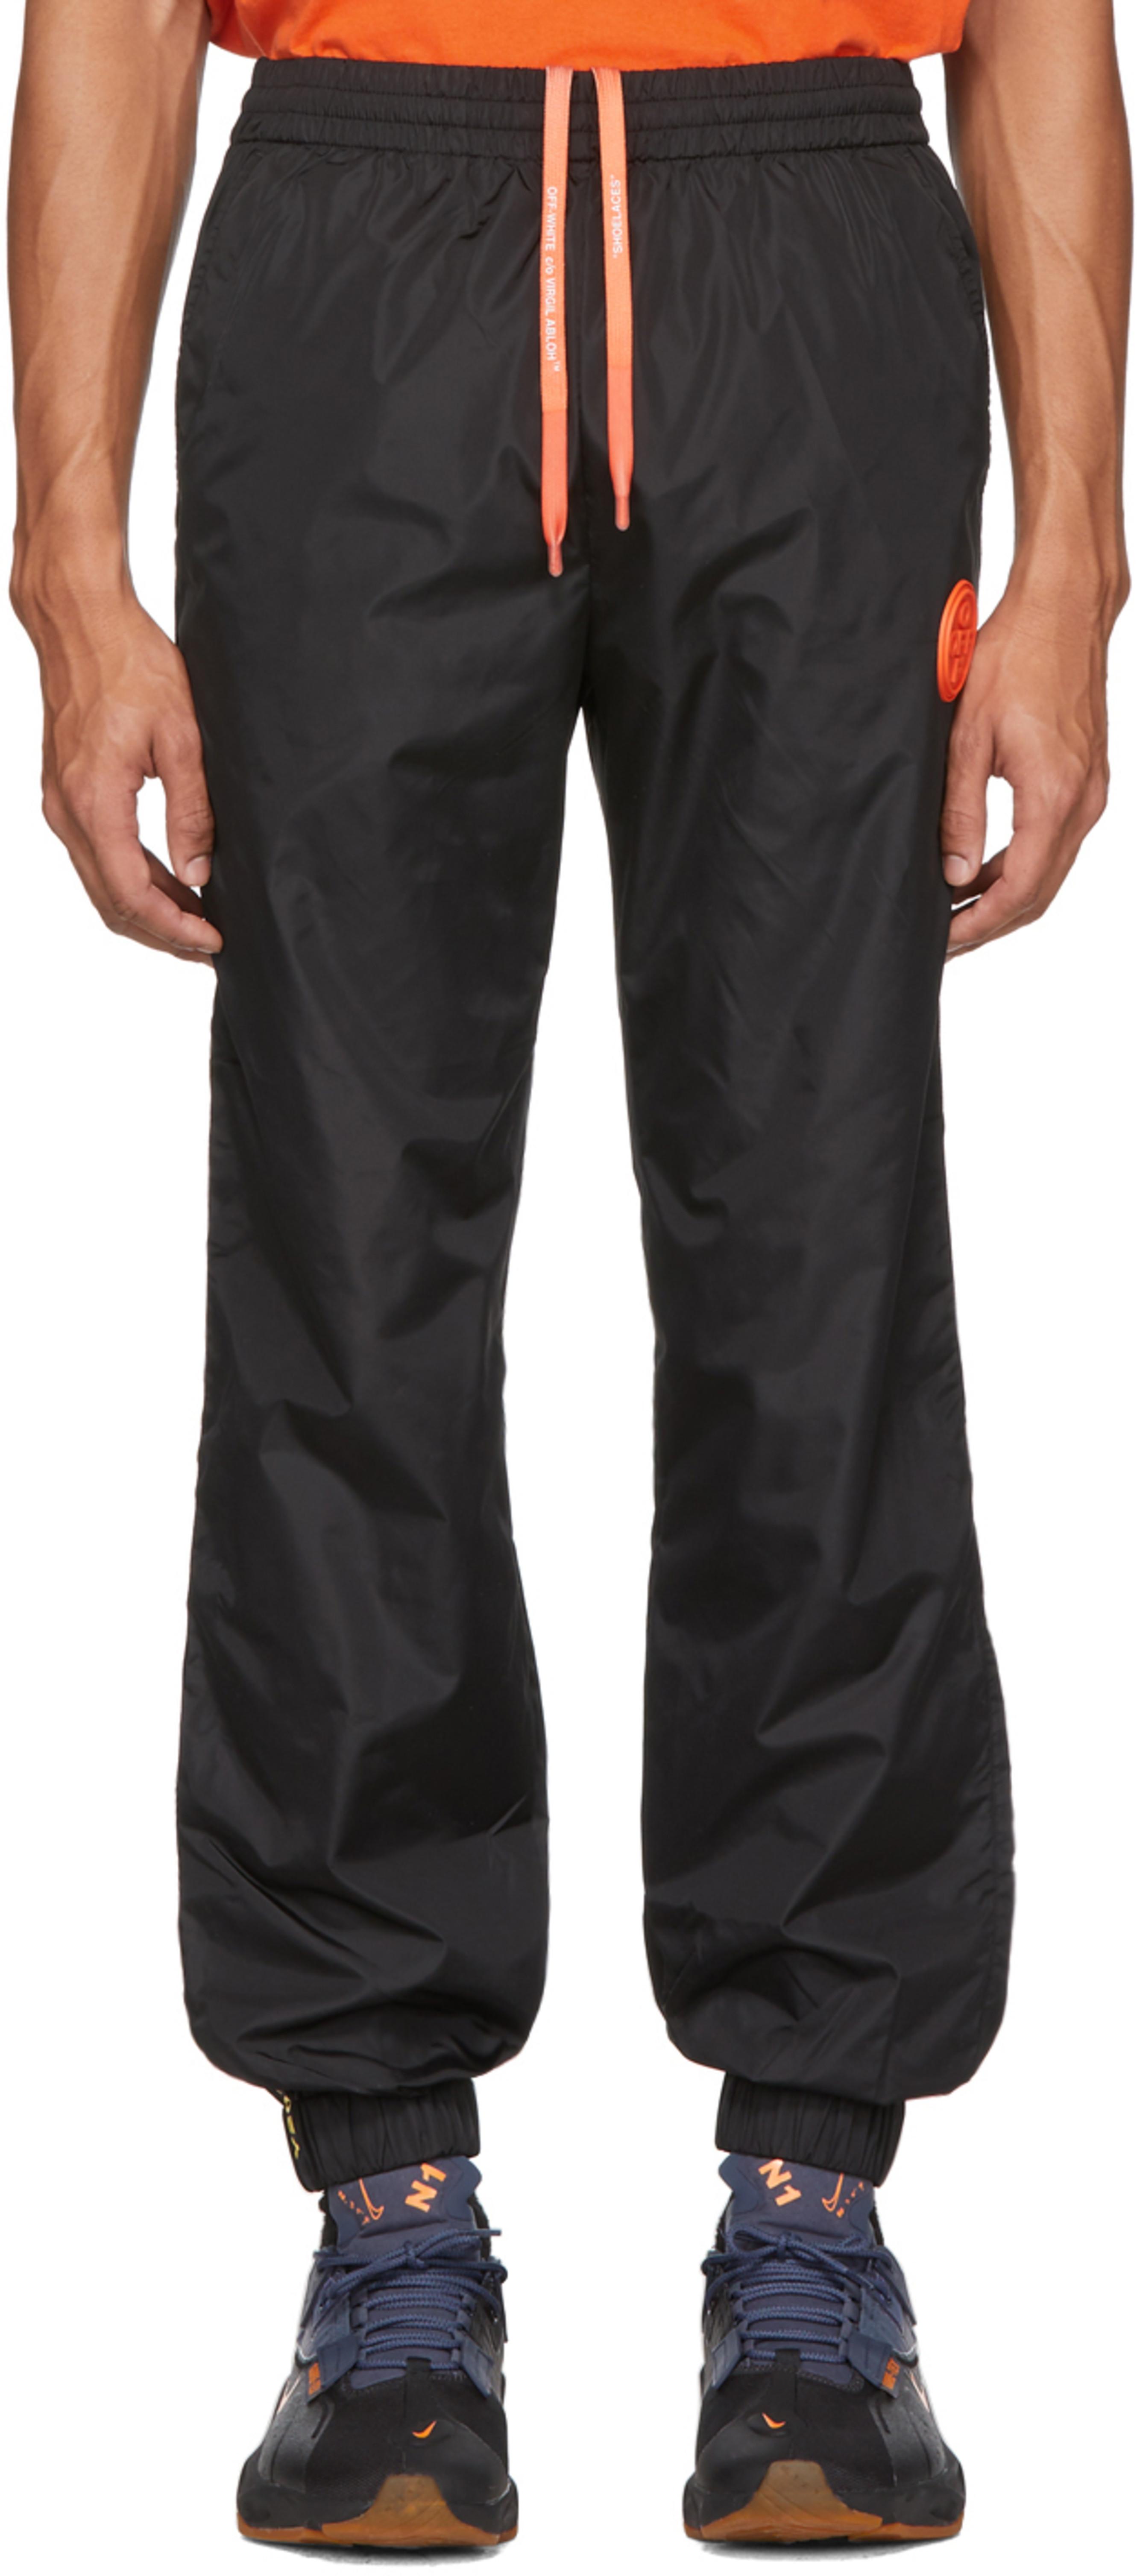 En Pantalon Survêtement Noir De Nylon 8yvN0mOnw